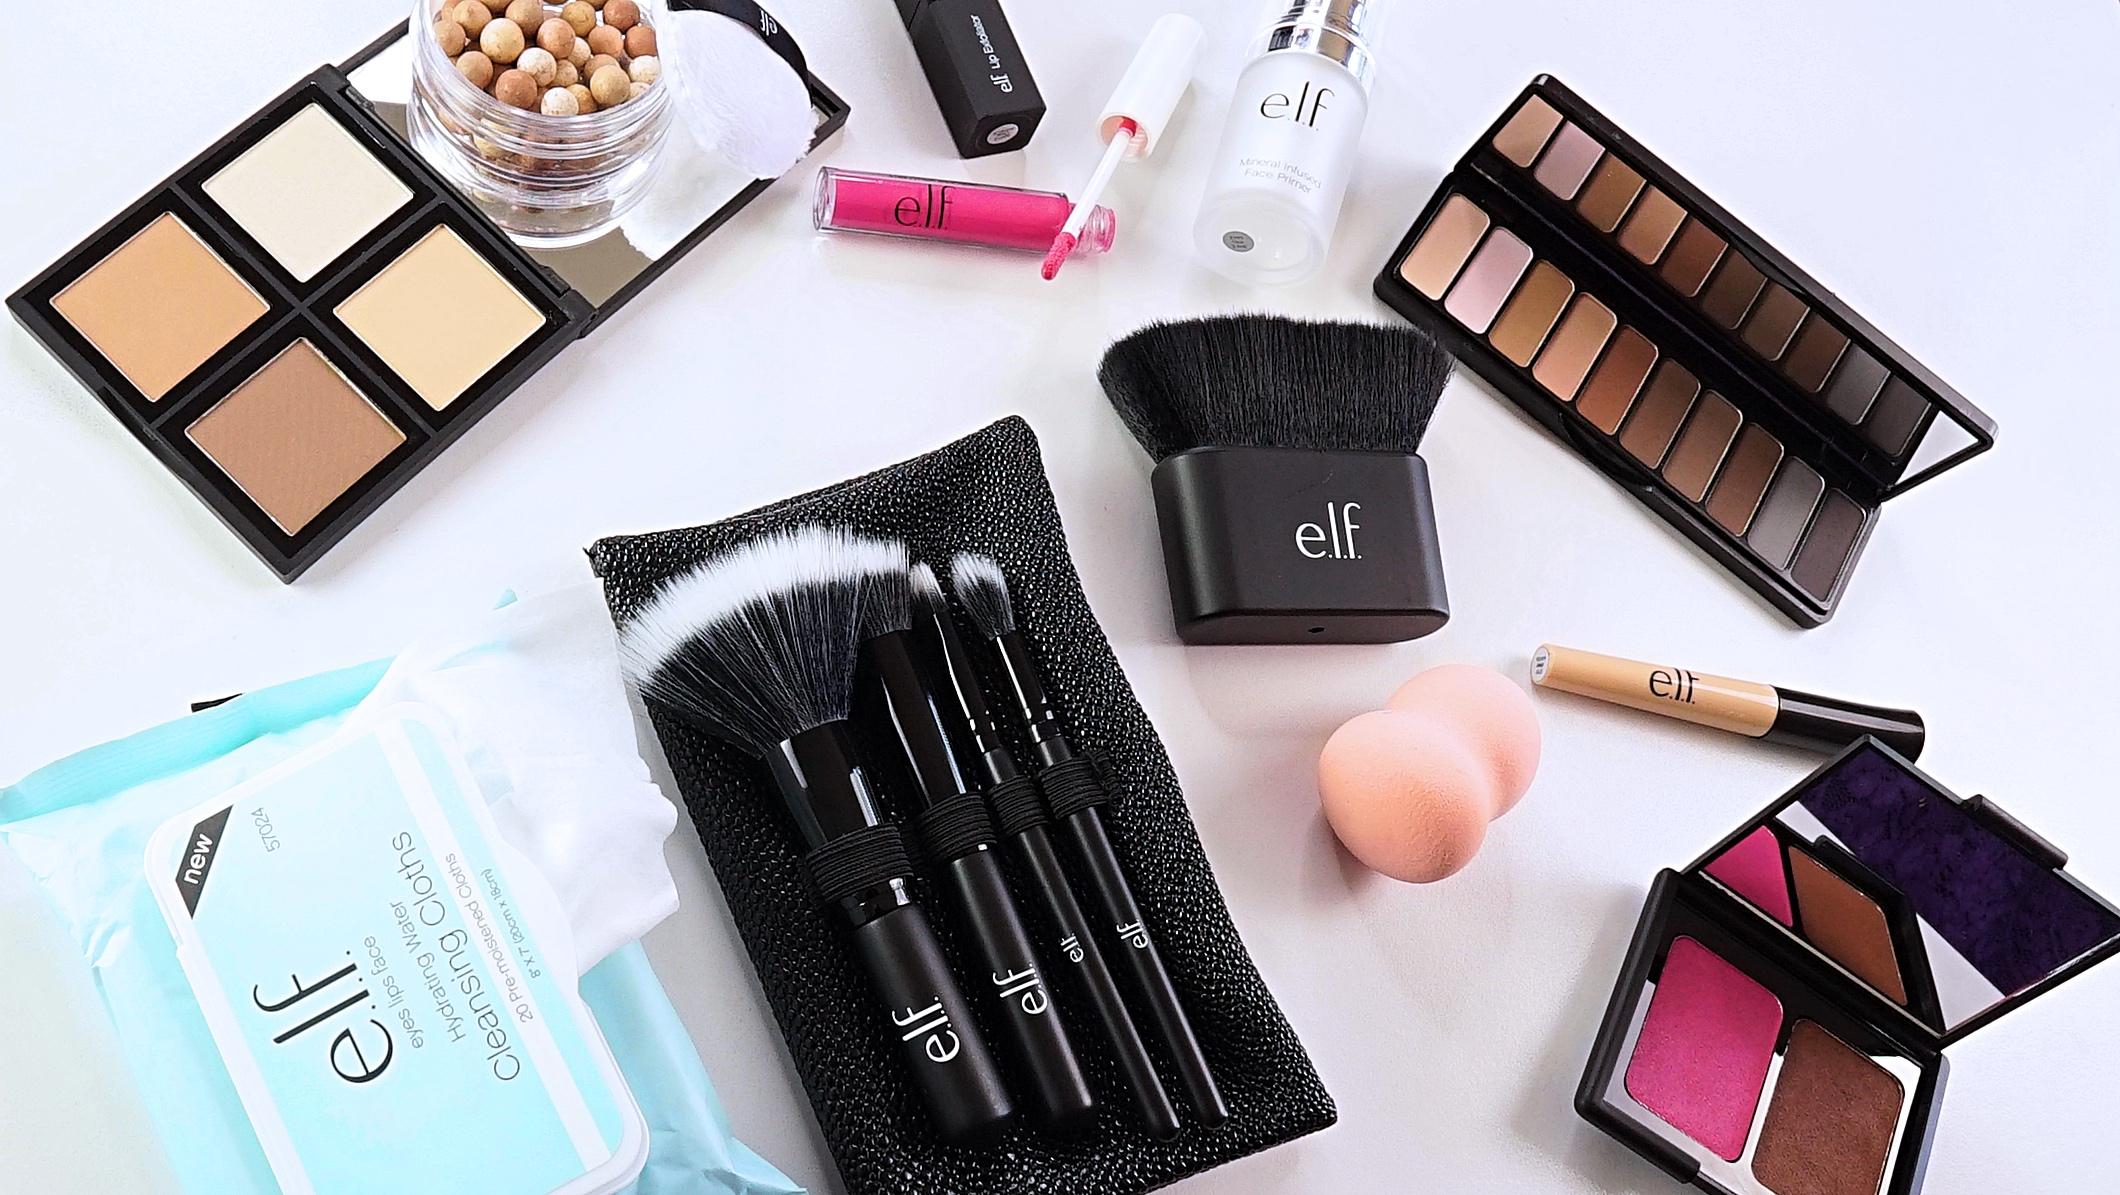 photo courtesy of e.l.f. Cosmetics